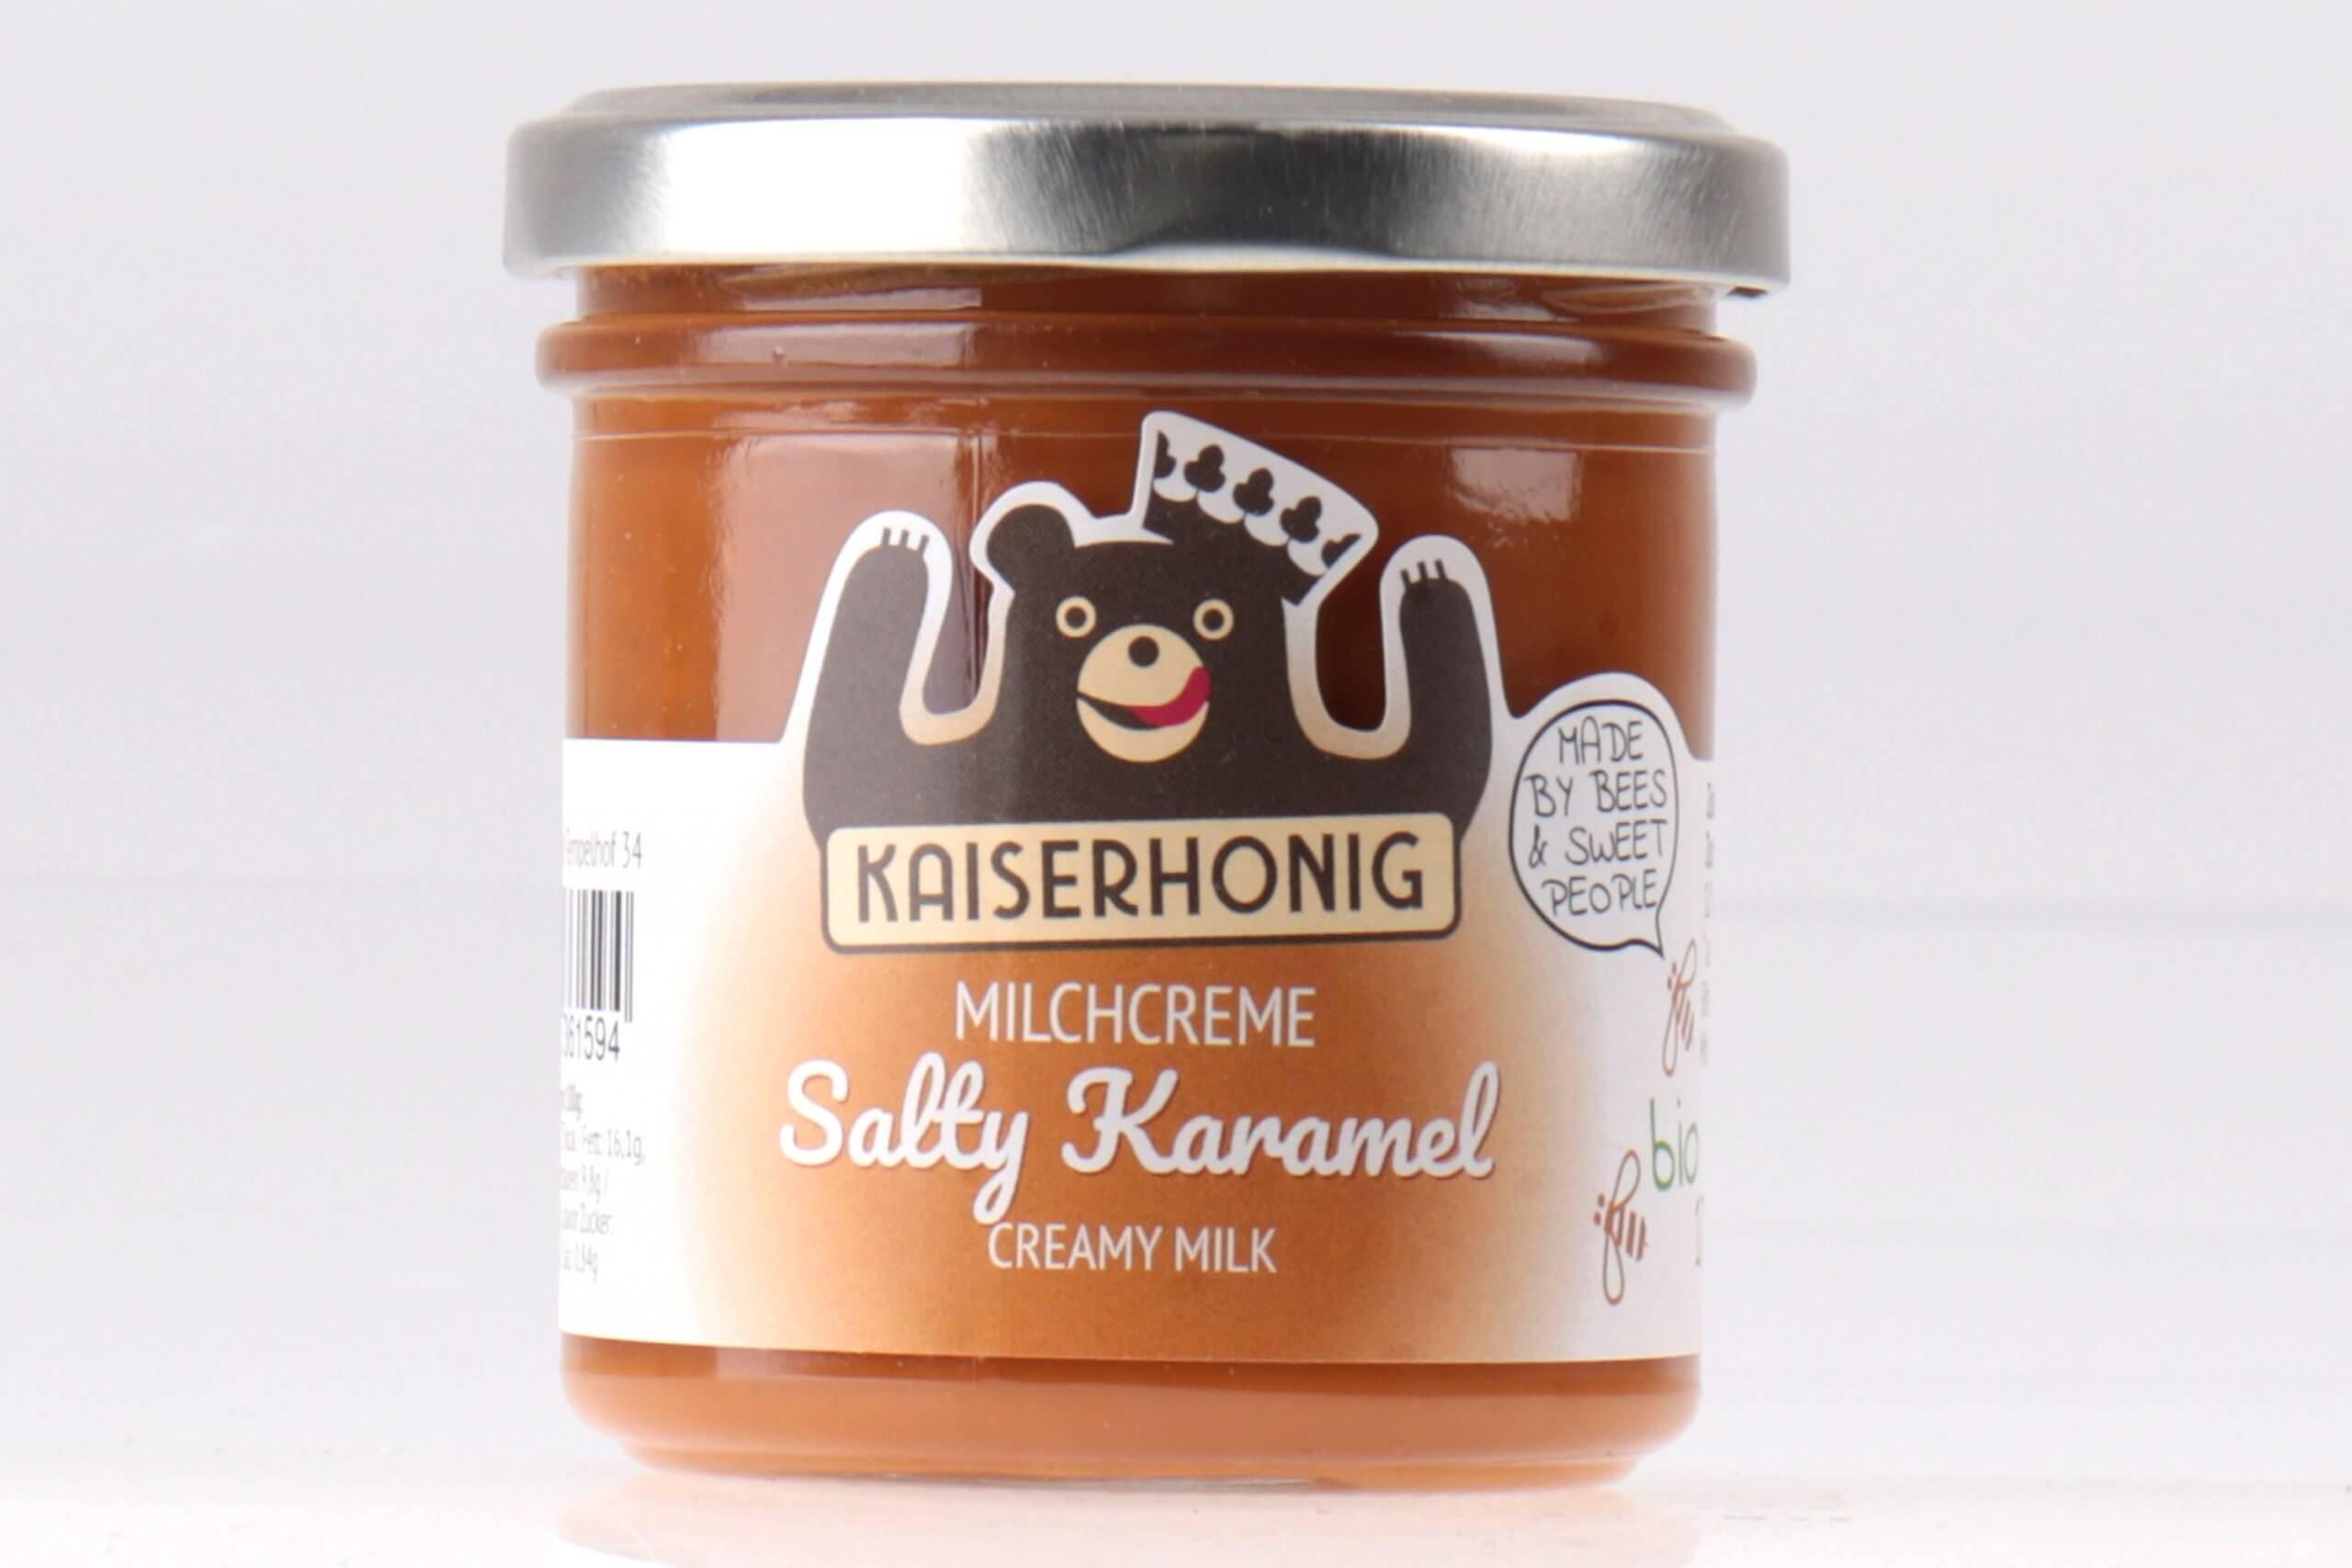 Salty Karamel Bio Milchcreme von feinjemacht online kaufen